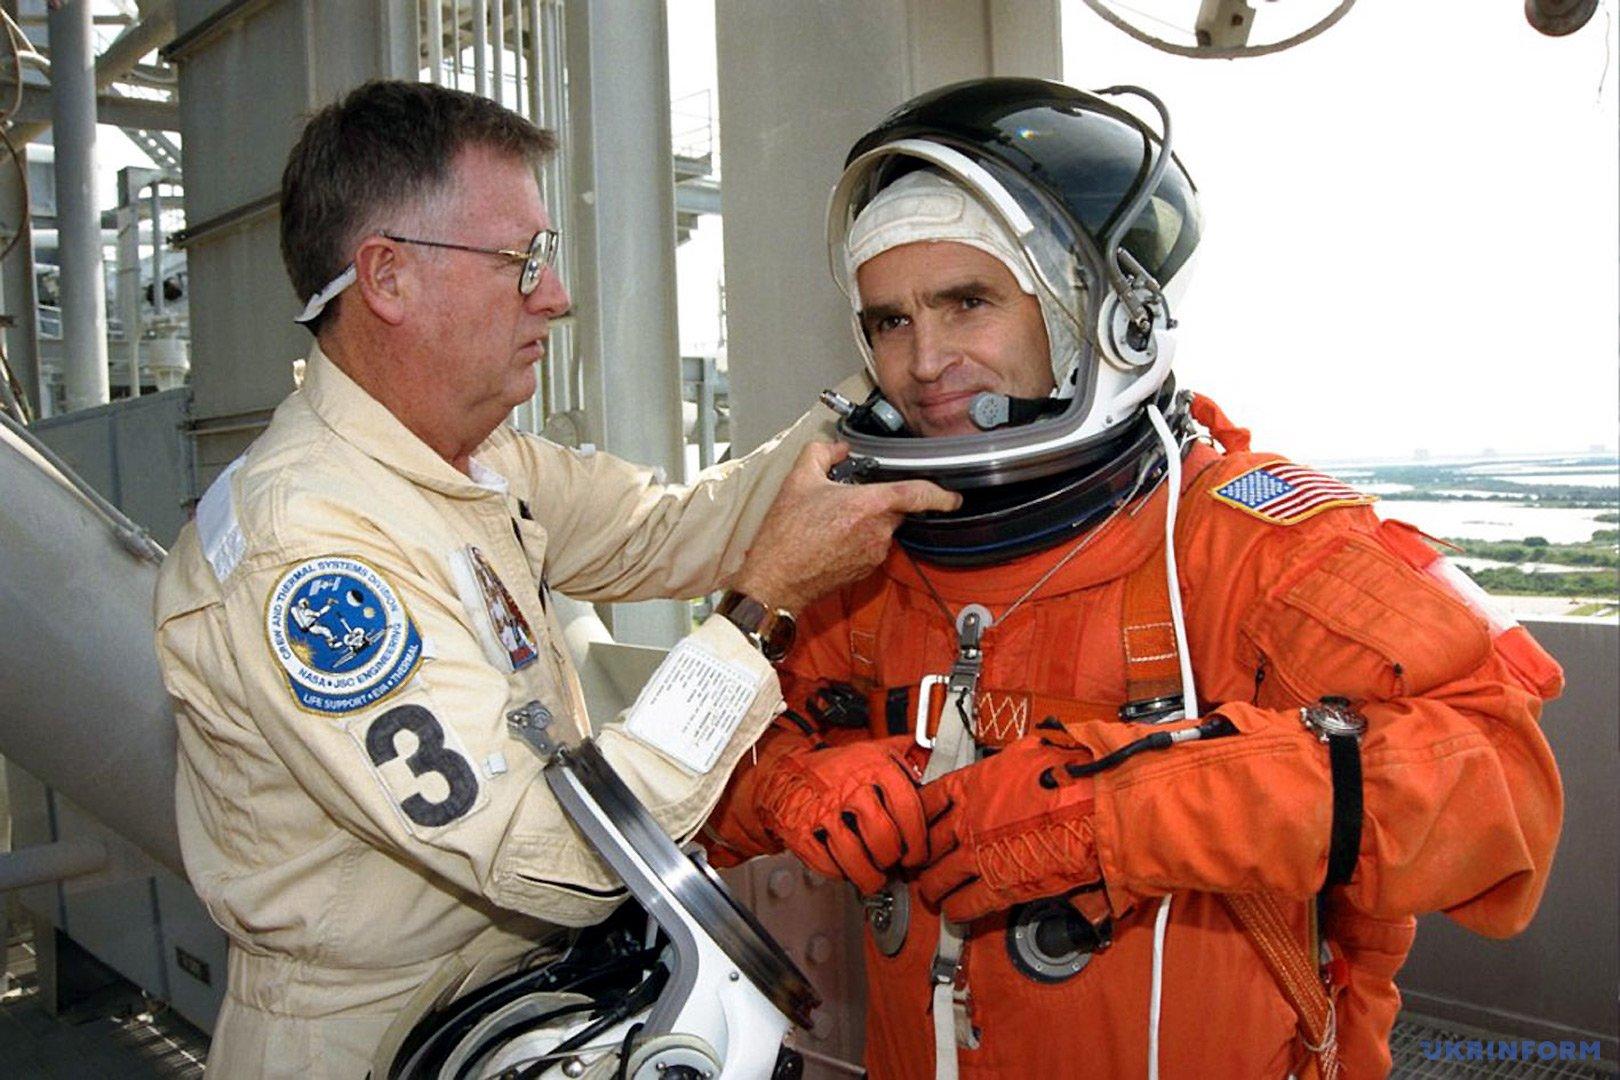 19 листопада 1997 року з американського мису Канаверал стартував космічний корабель «Колумбія» з українцем Леонідом Каденюком у складі інтернаціонального екіпажу